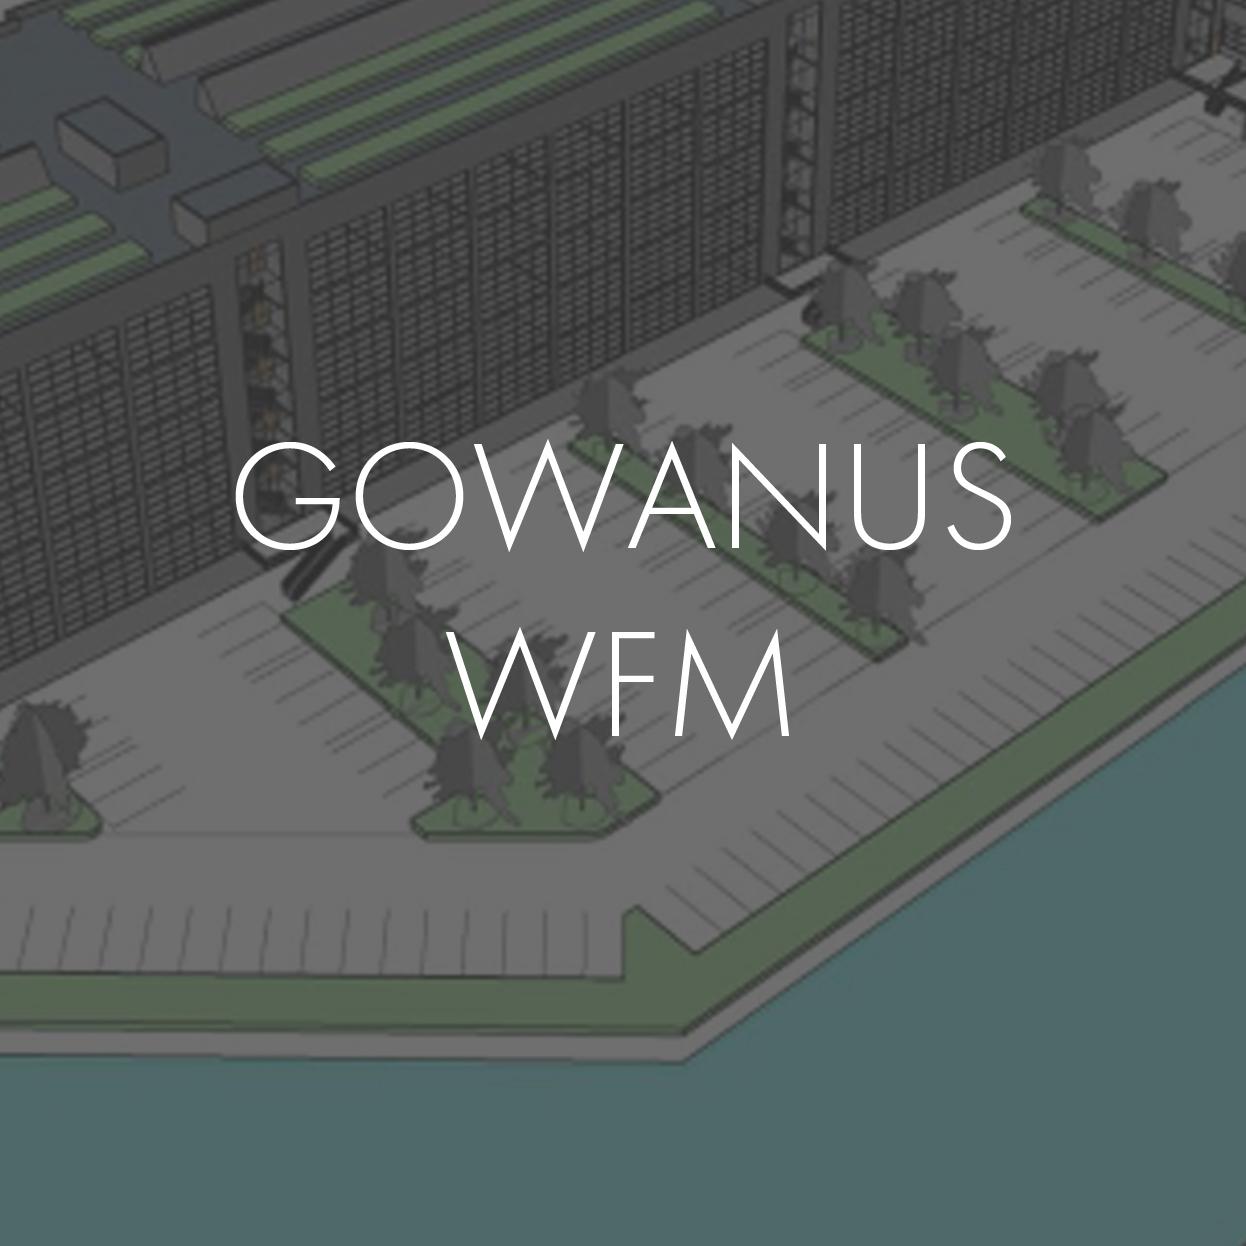 THUMBNAIL_GOWANUS.jpg